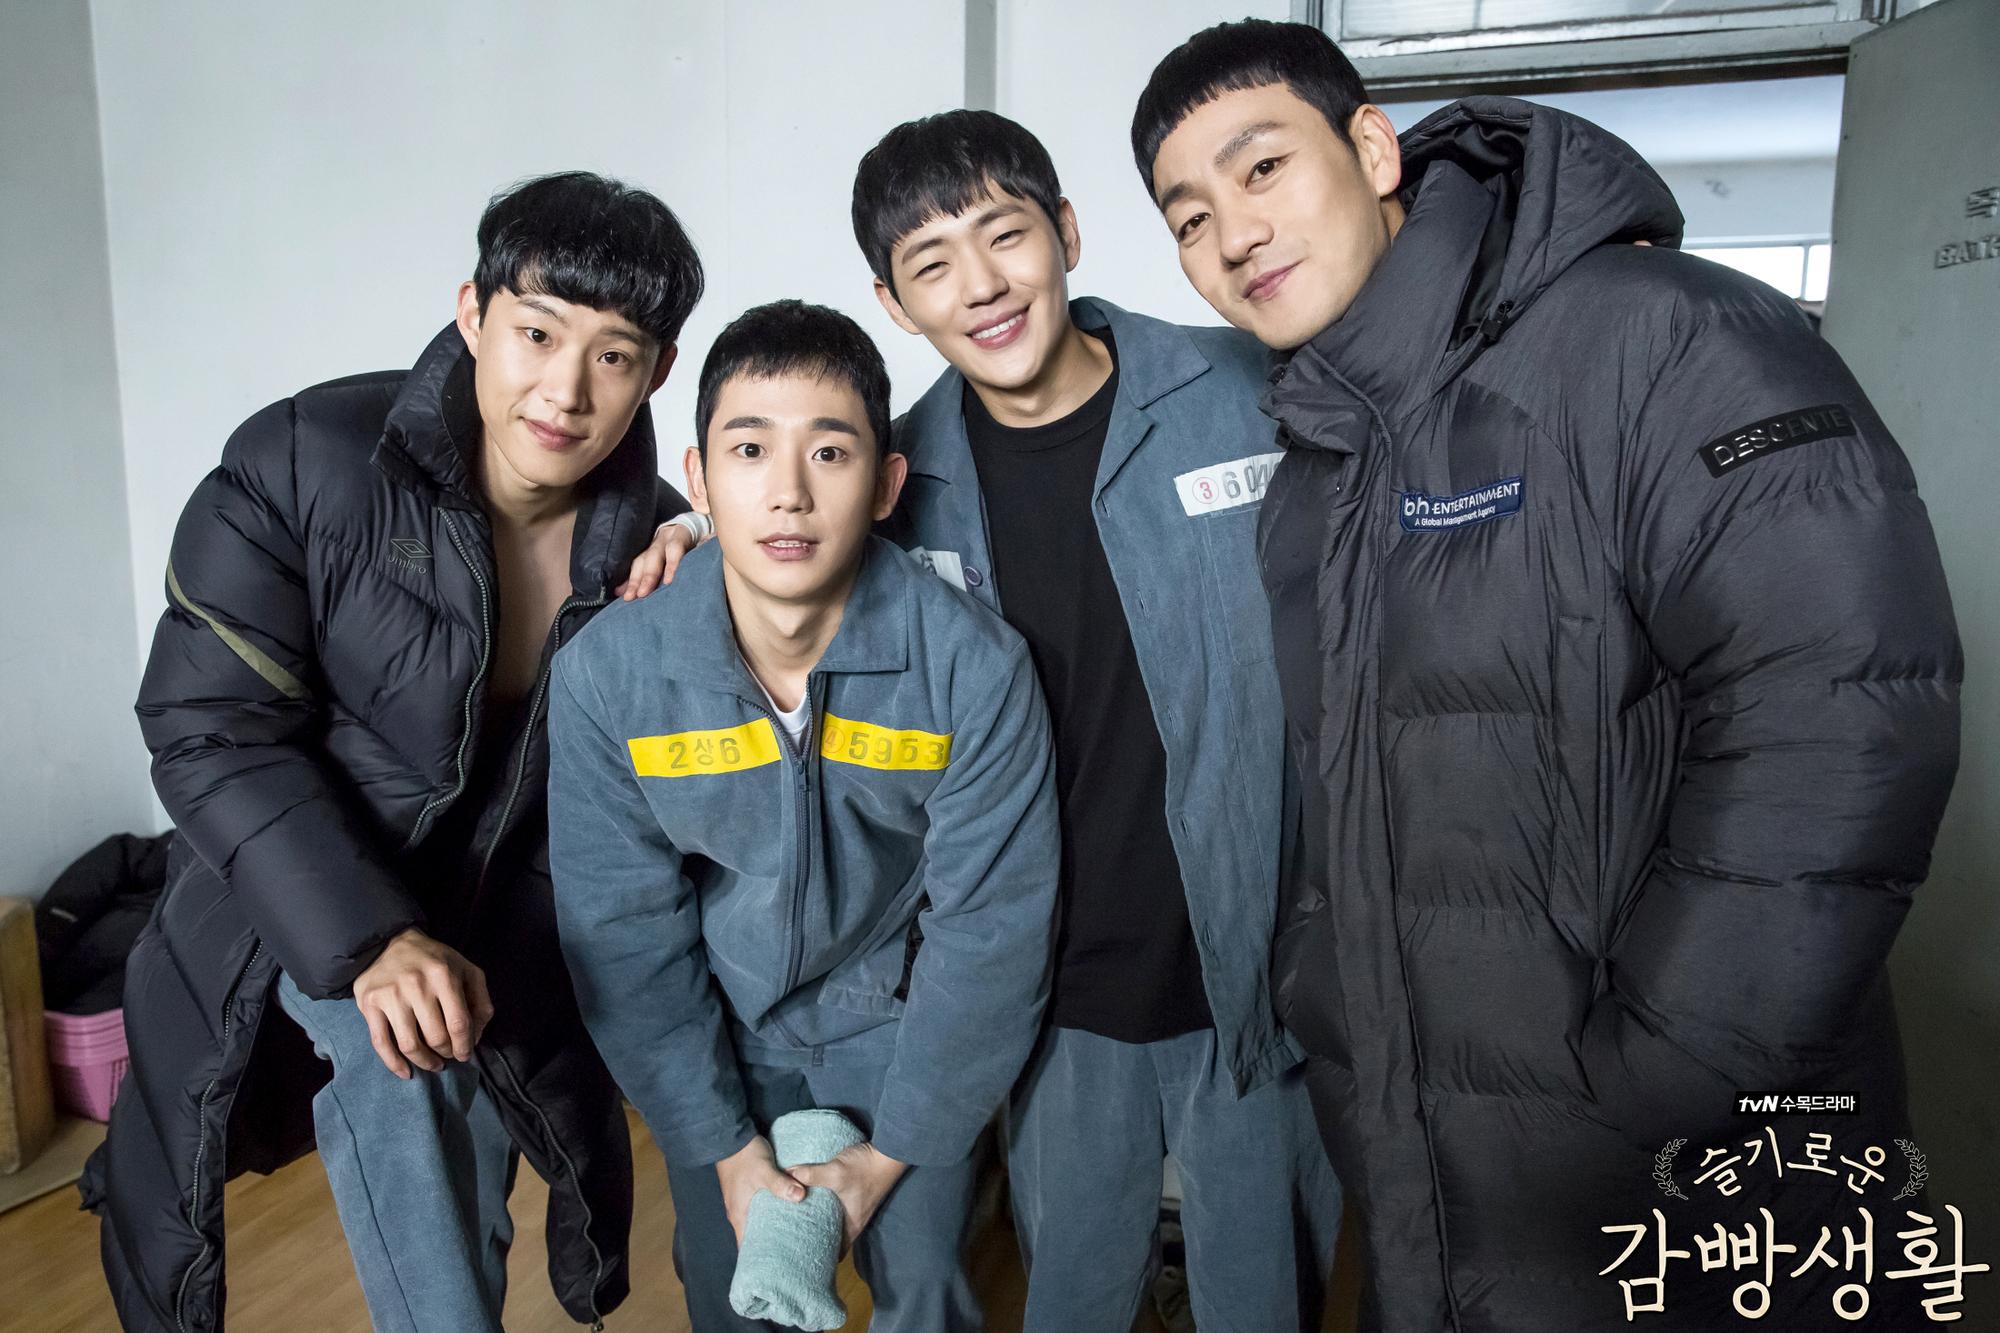 Top 20 phim Hàn có rating cao nhất đài cáp (Phần cuối): Lộ diện 10 cực phẩm của cực phẩm - Ảnh 5.